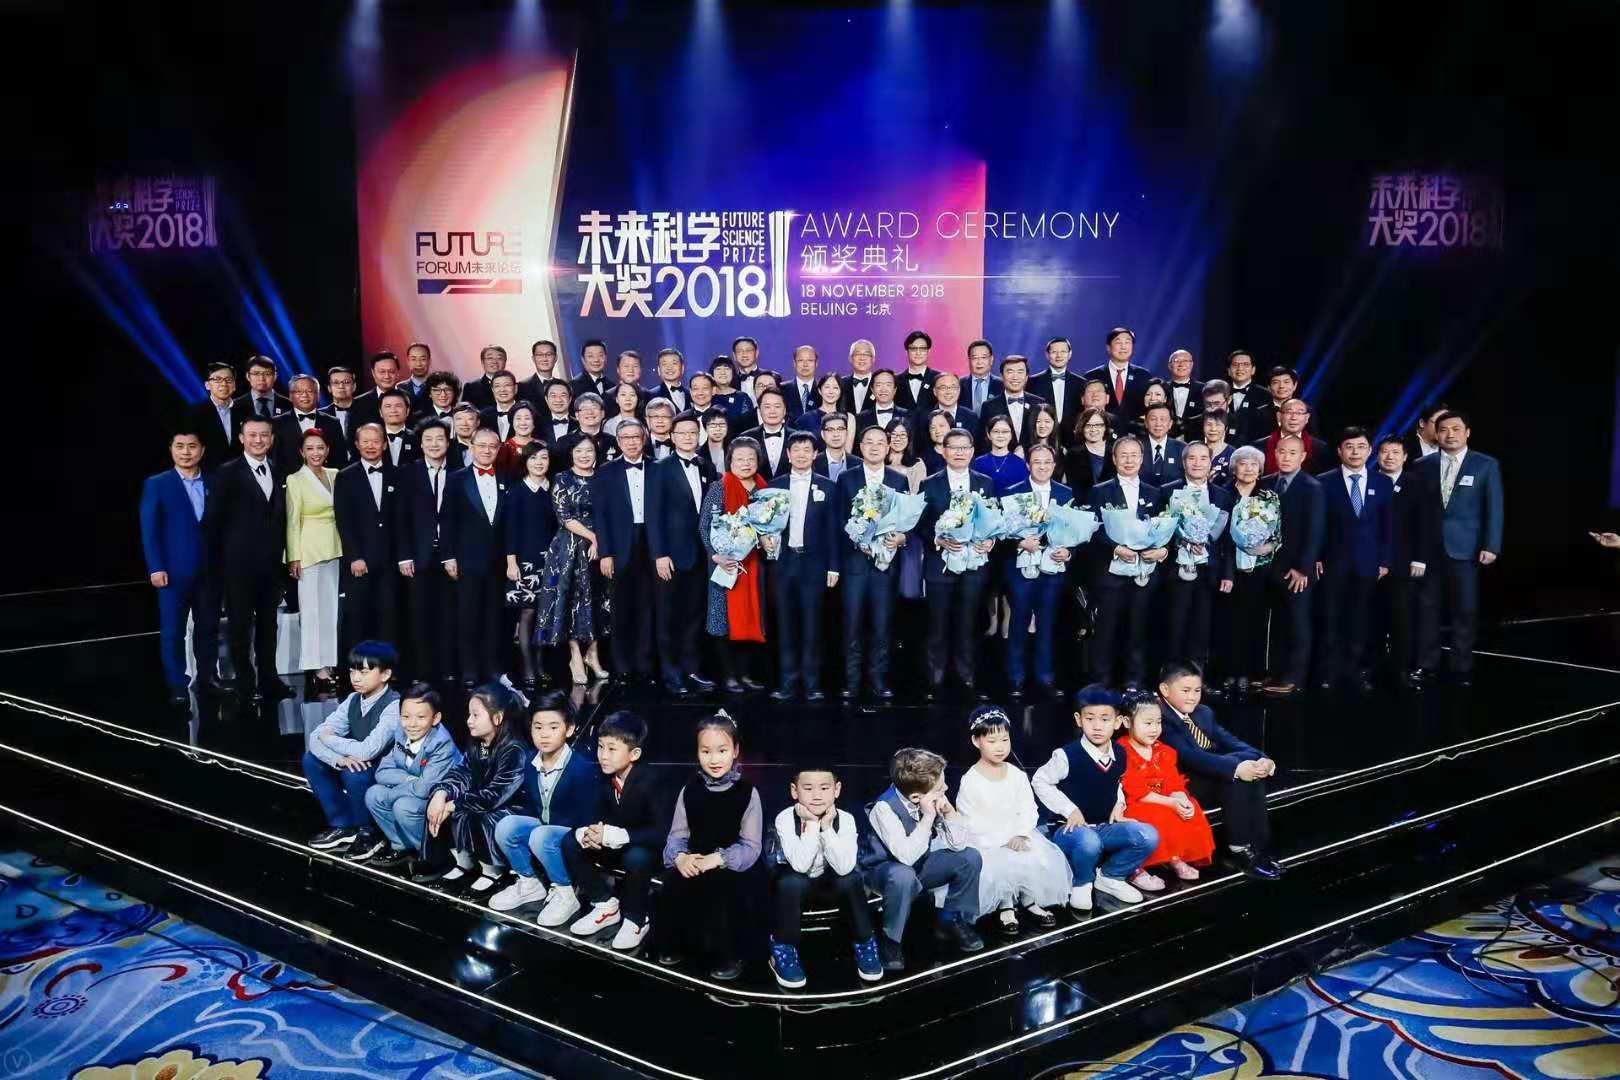 2018未来科学大奖颁奖盛典,马化腾、冯仑、沈南鹏等现身助阵